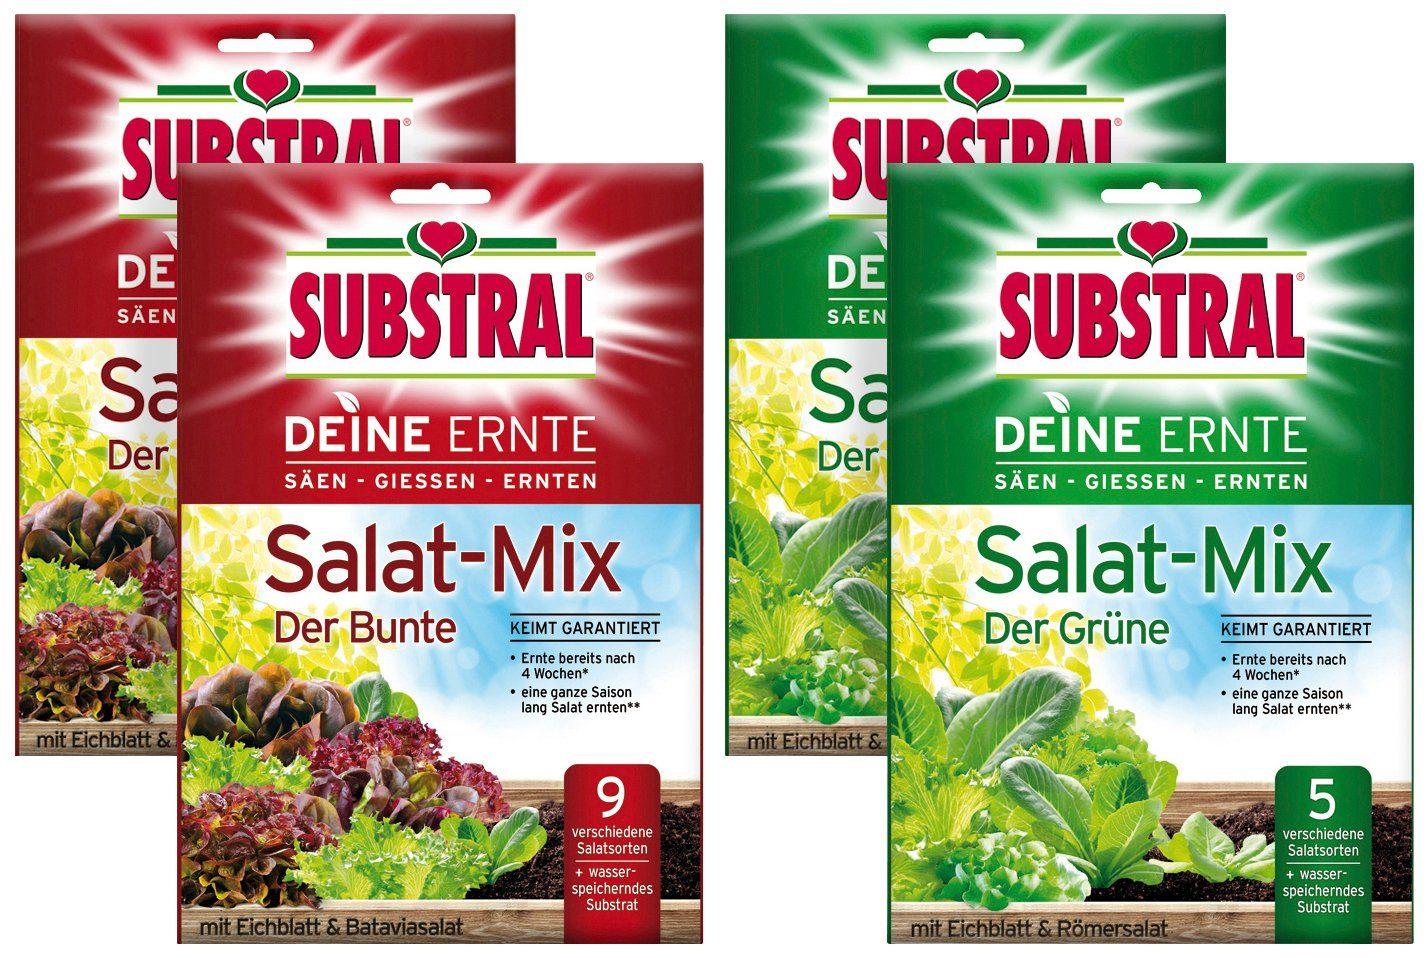 Sämereien »Deine Ernte Salat-Mix «